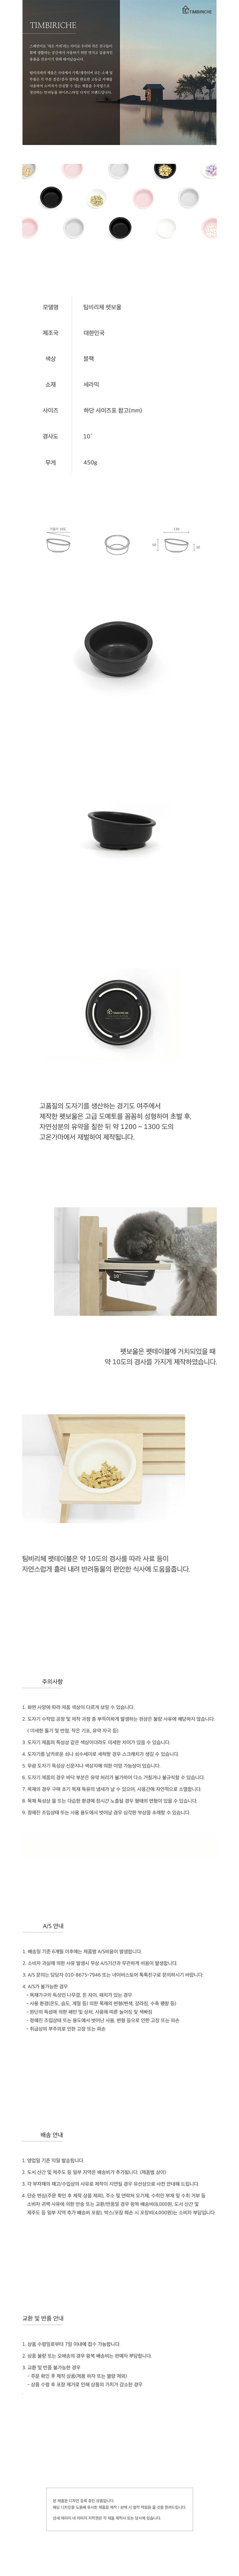 PET BOWL - BLACK - 팀비리체, 22,000원, 급수/급식기, 식기/식탁